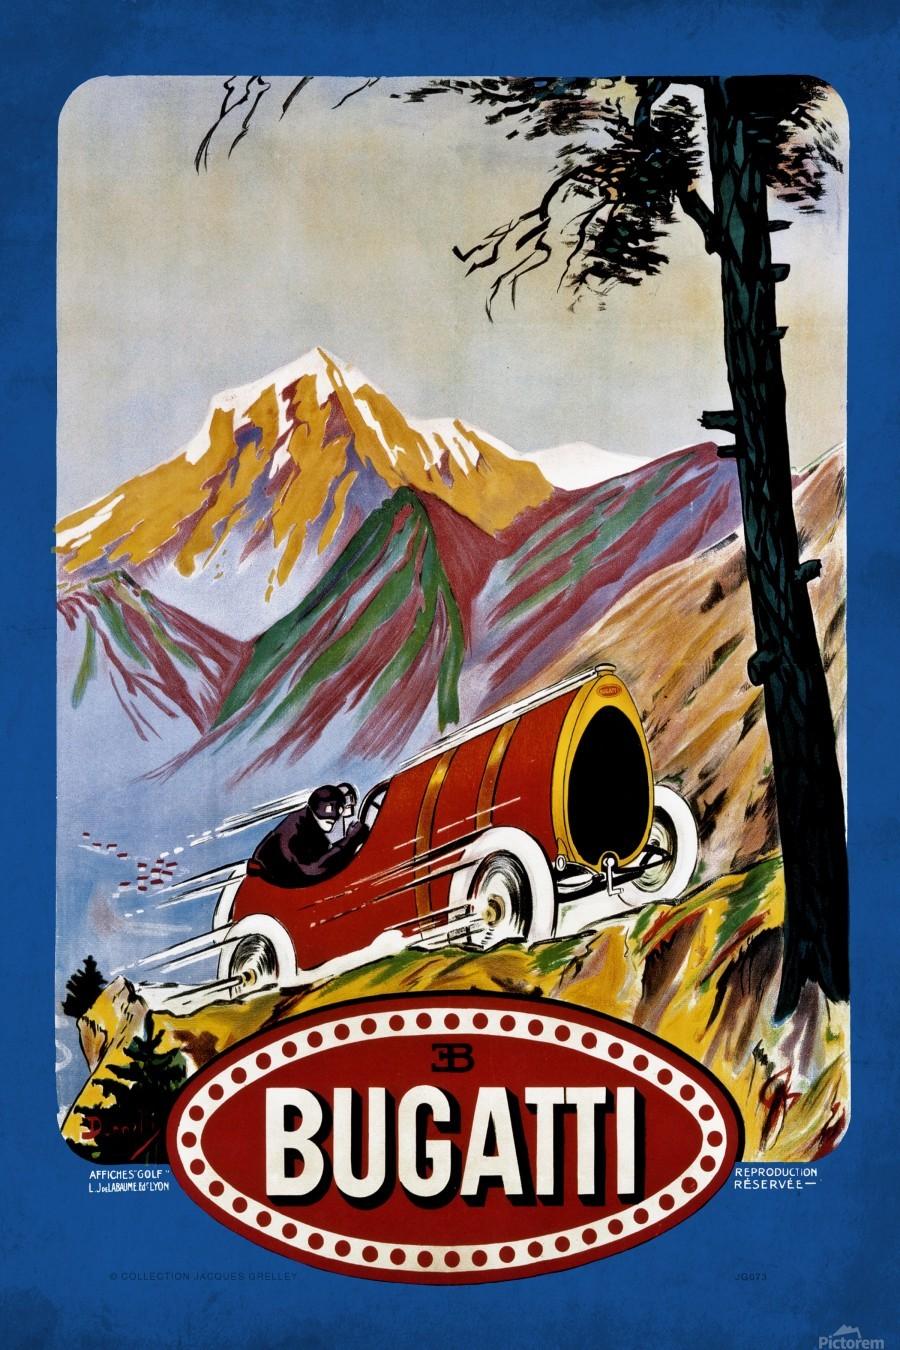 Bugatti Type 9 Prince Henri Affiche Golf Lyon 1911  Print